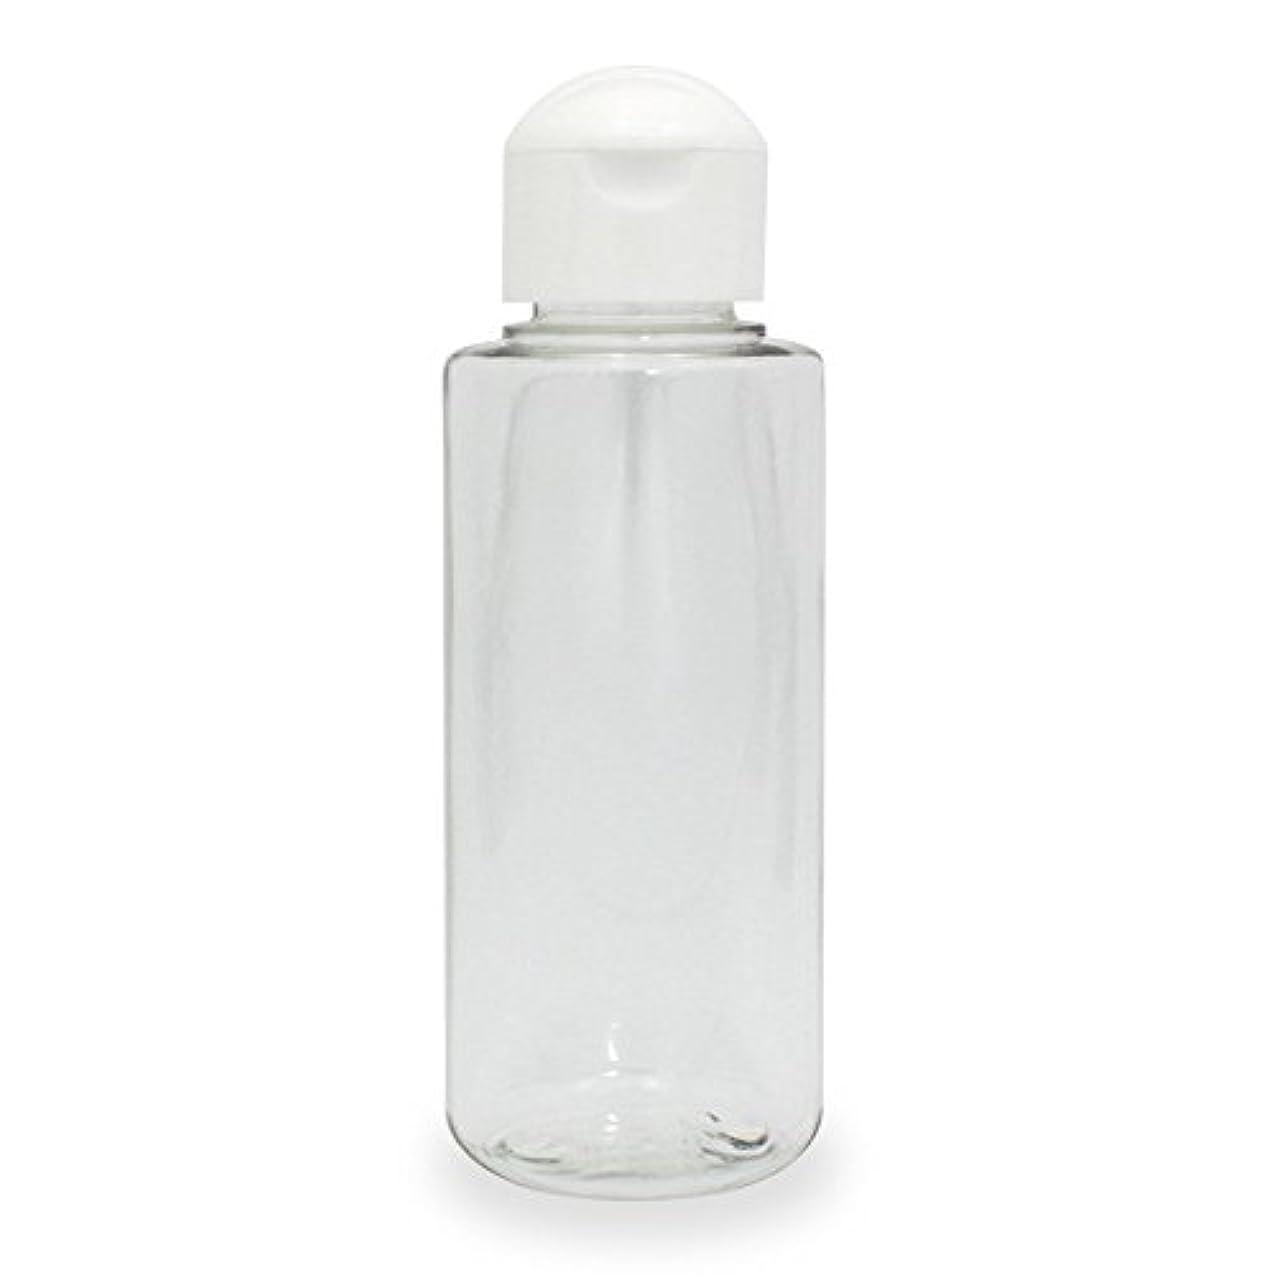 混雑こどもの日グリーンバッククリアボトル100ml ヒンジキャップ付きで使いやすく持ち運びに便利。(プラスチック容器/オイル用空瓶 プラスチック製-PET)